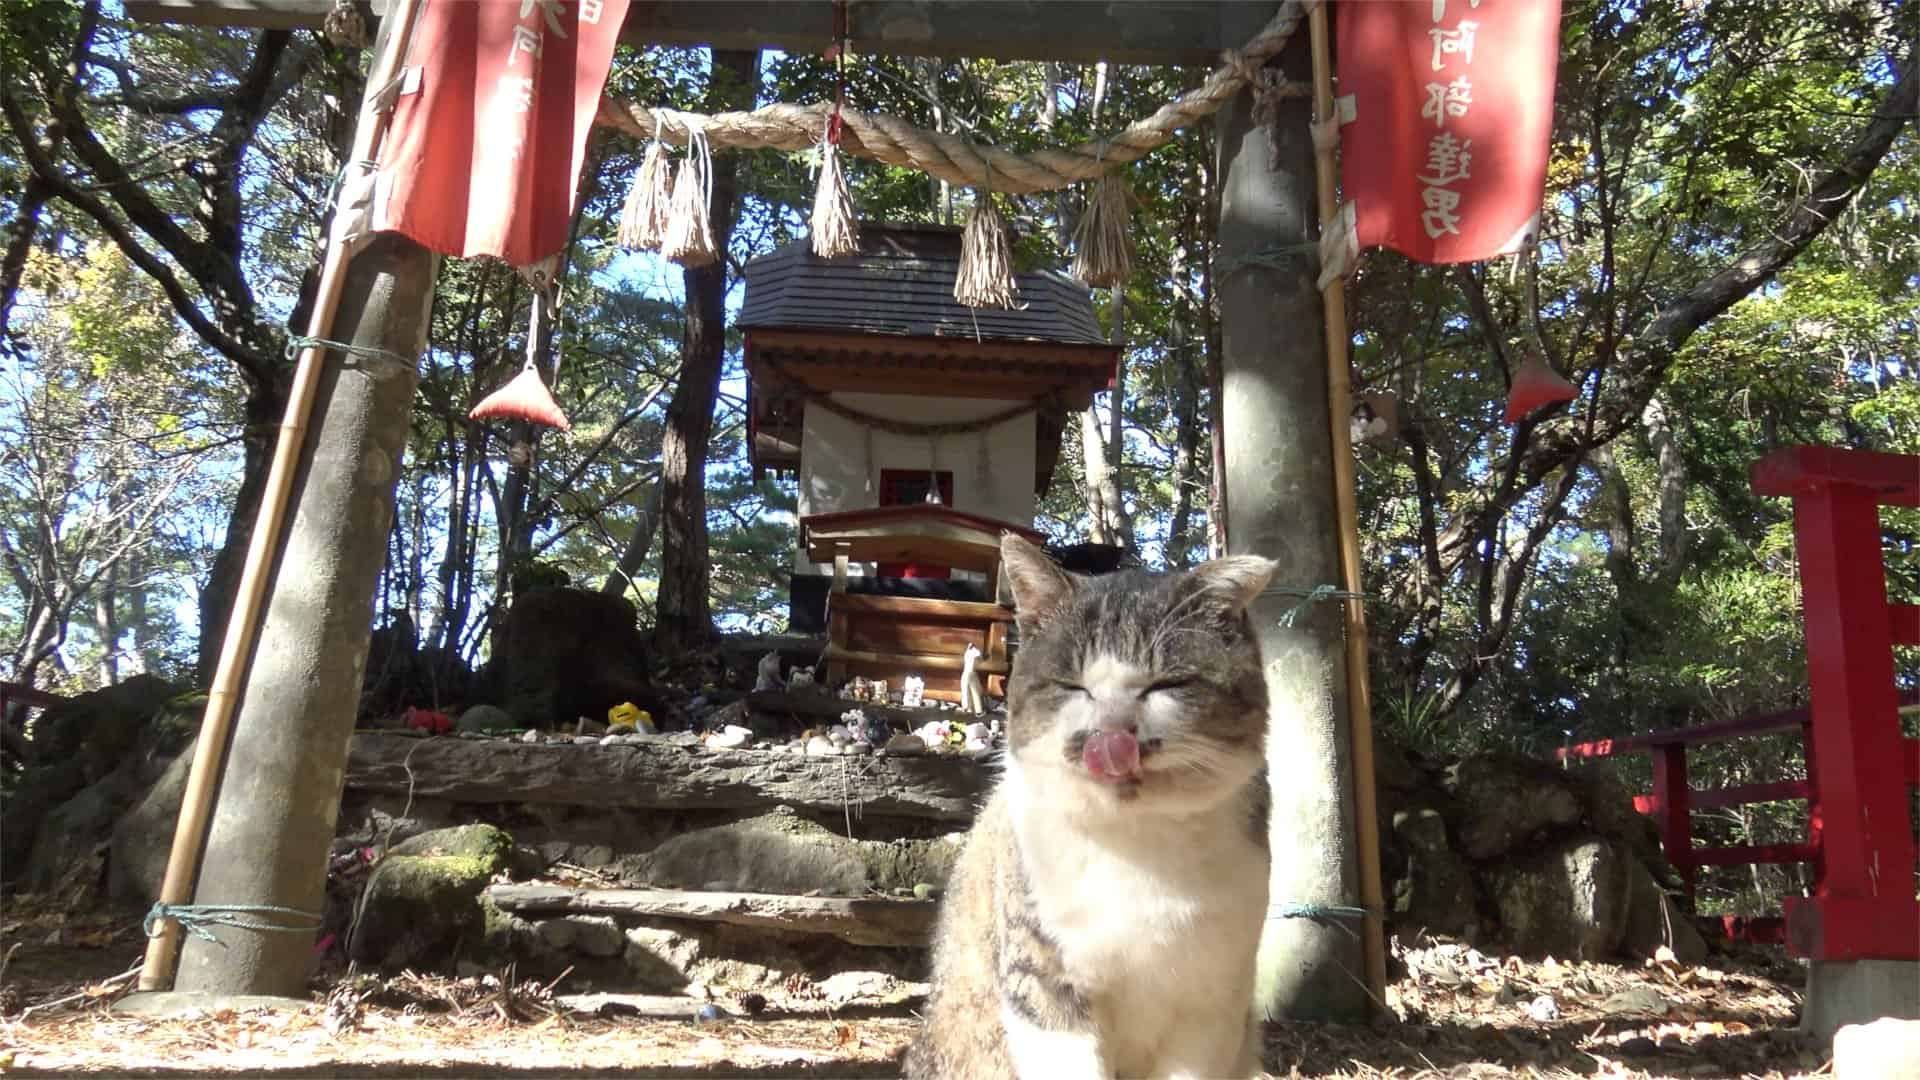 สถานที่ที่มี แมว ใน ญี่ปุ่น